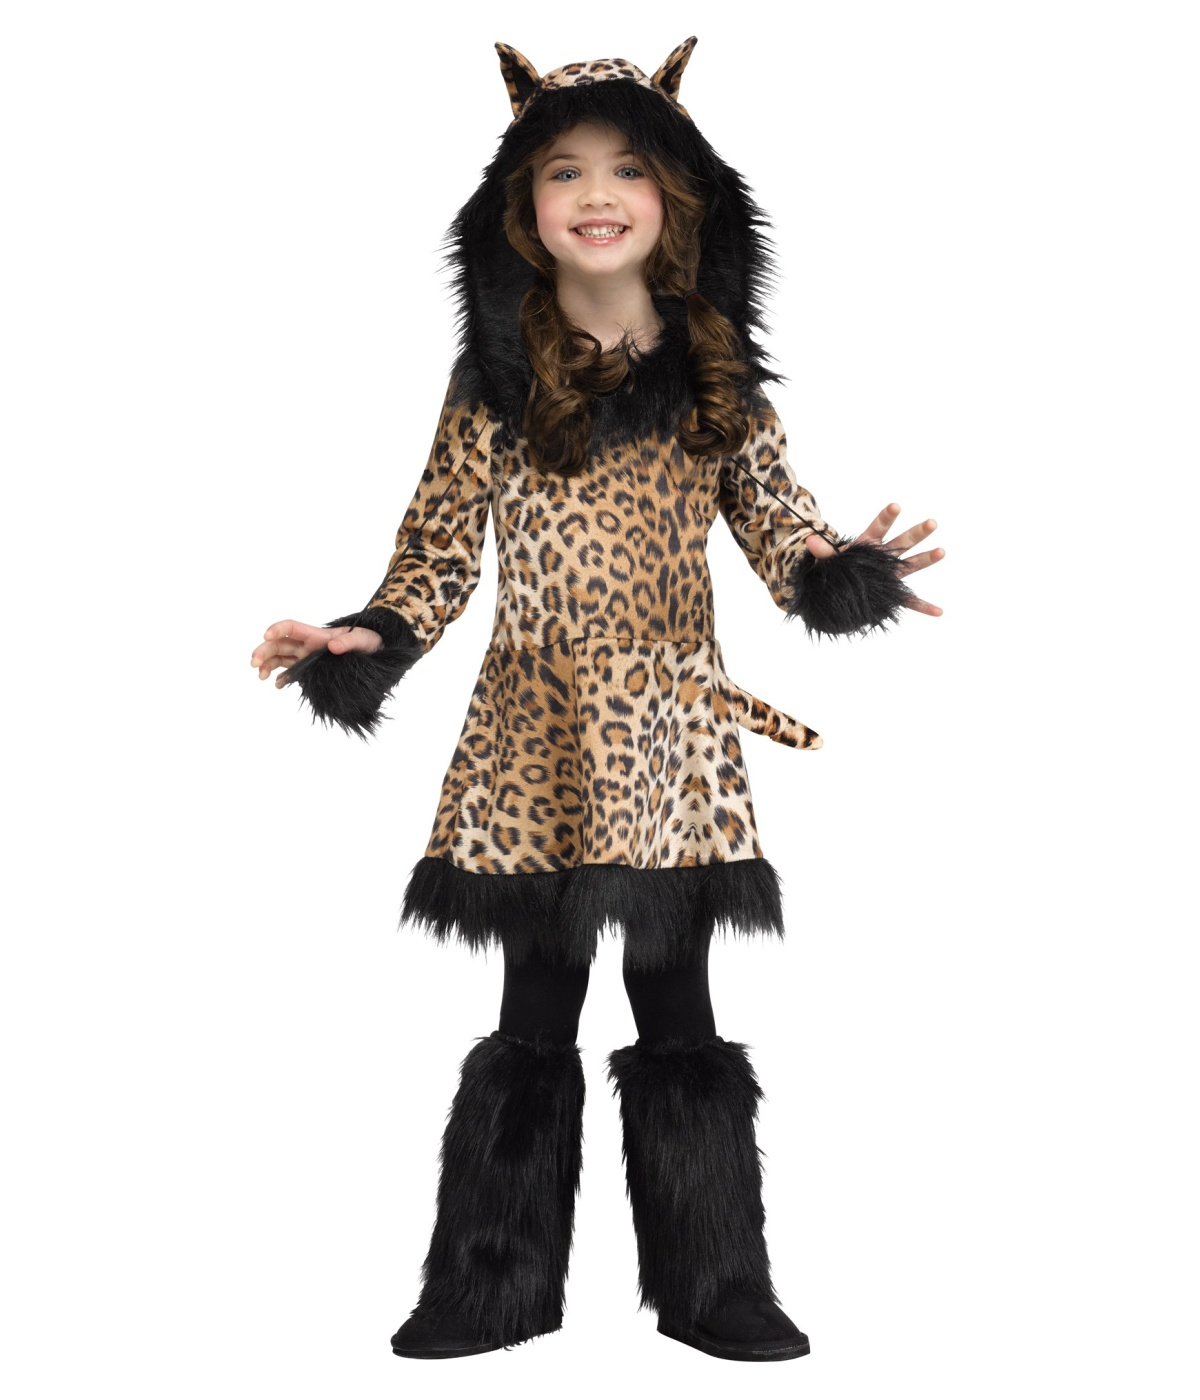 Vests for little girls